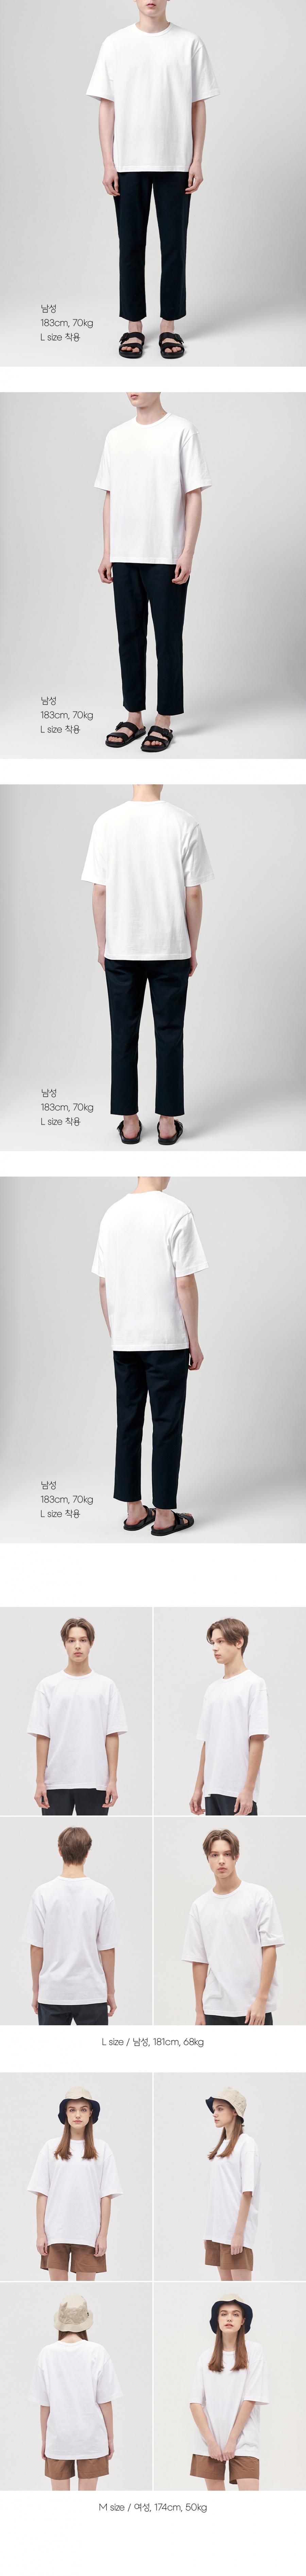 무신사 스탠다드(MUSINSA STANDARD) 릴렉스 핏 크루 넥 티셔츠 [화이트]